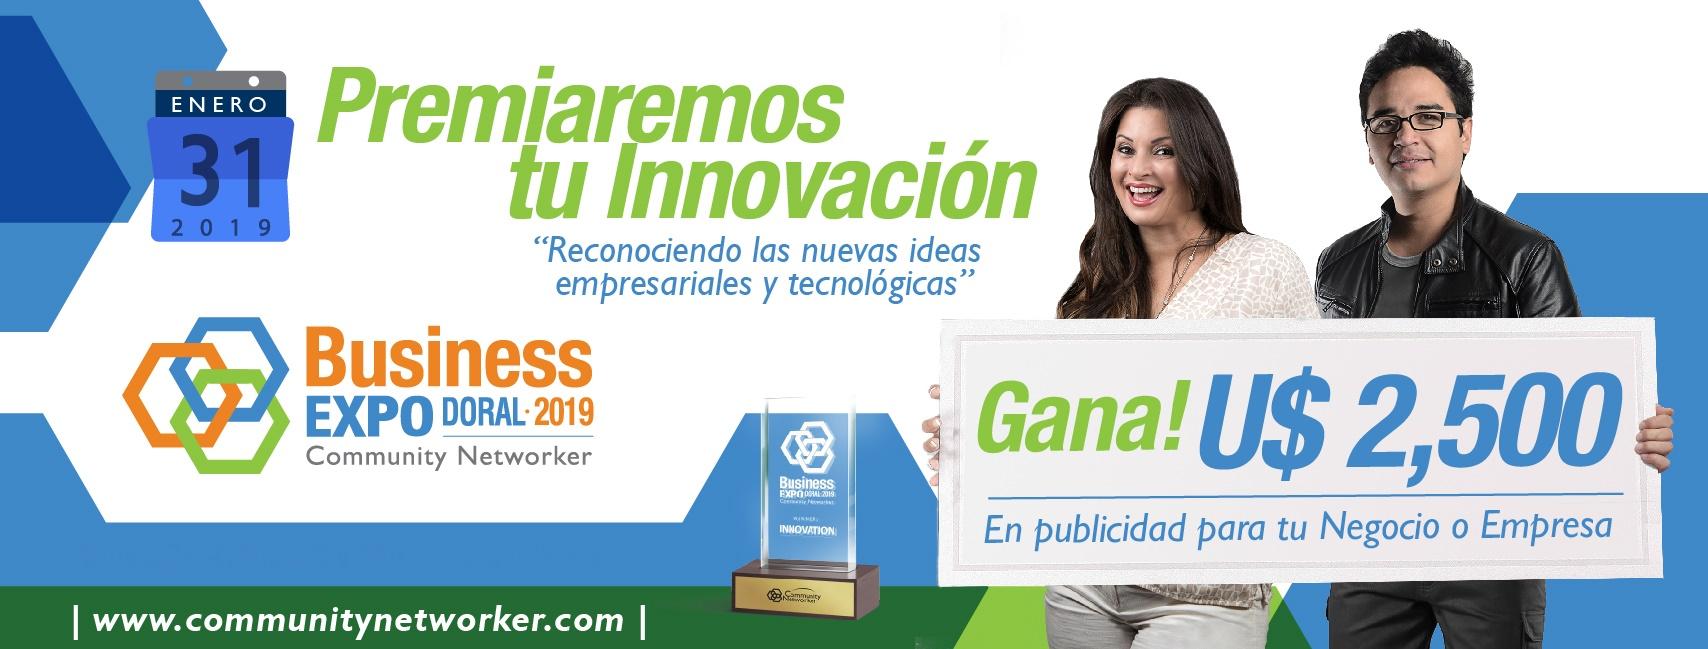 Gran Concurso Community Networker Premia a Tu Empresa